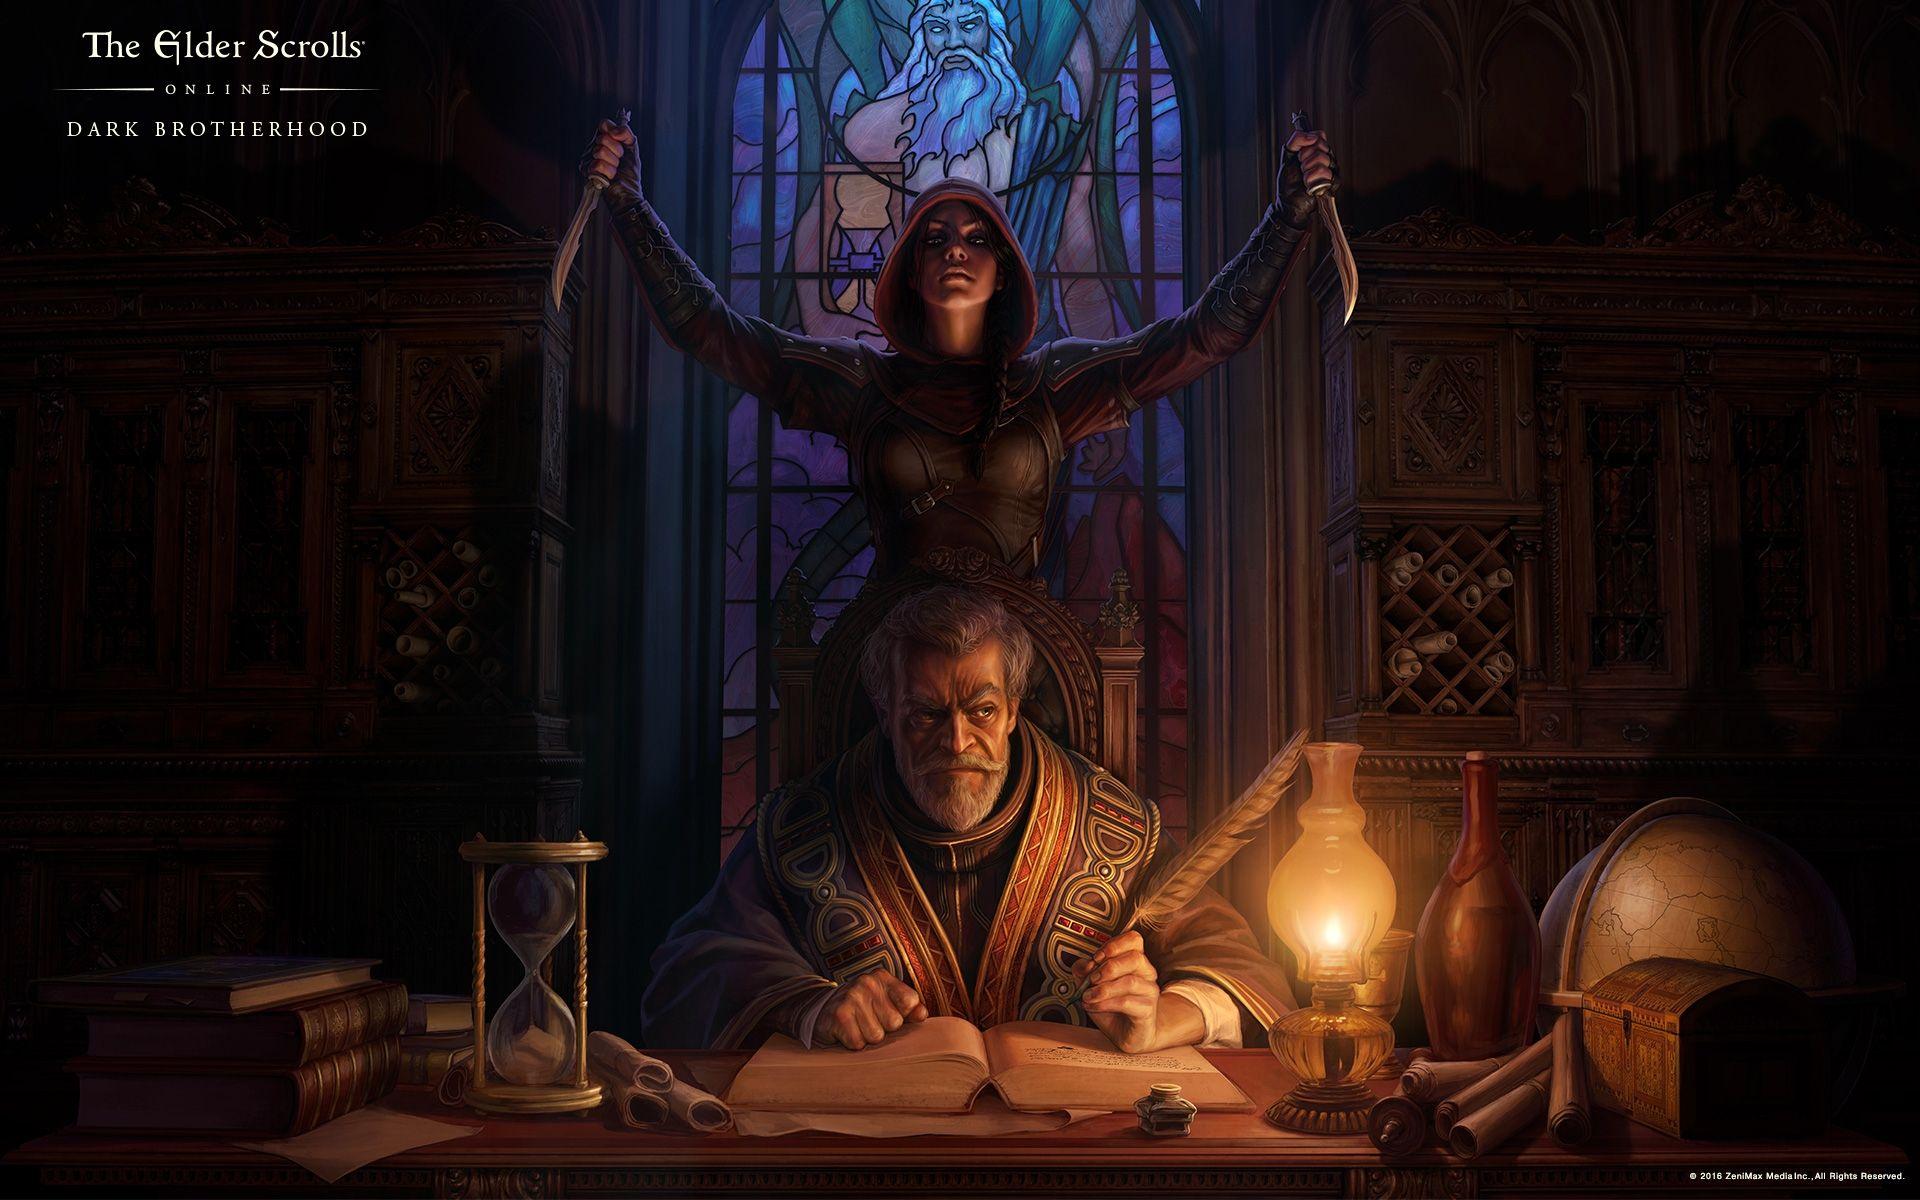 The Elder Scrolls Online: Die neuen Sets der Dark Brotherhood im Video